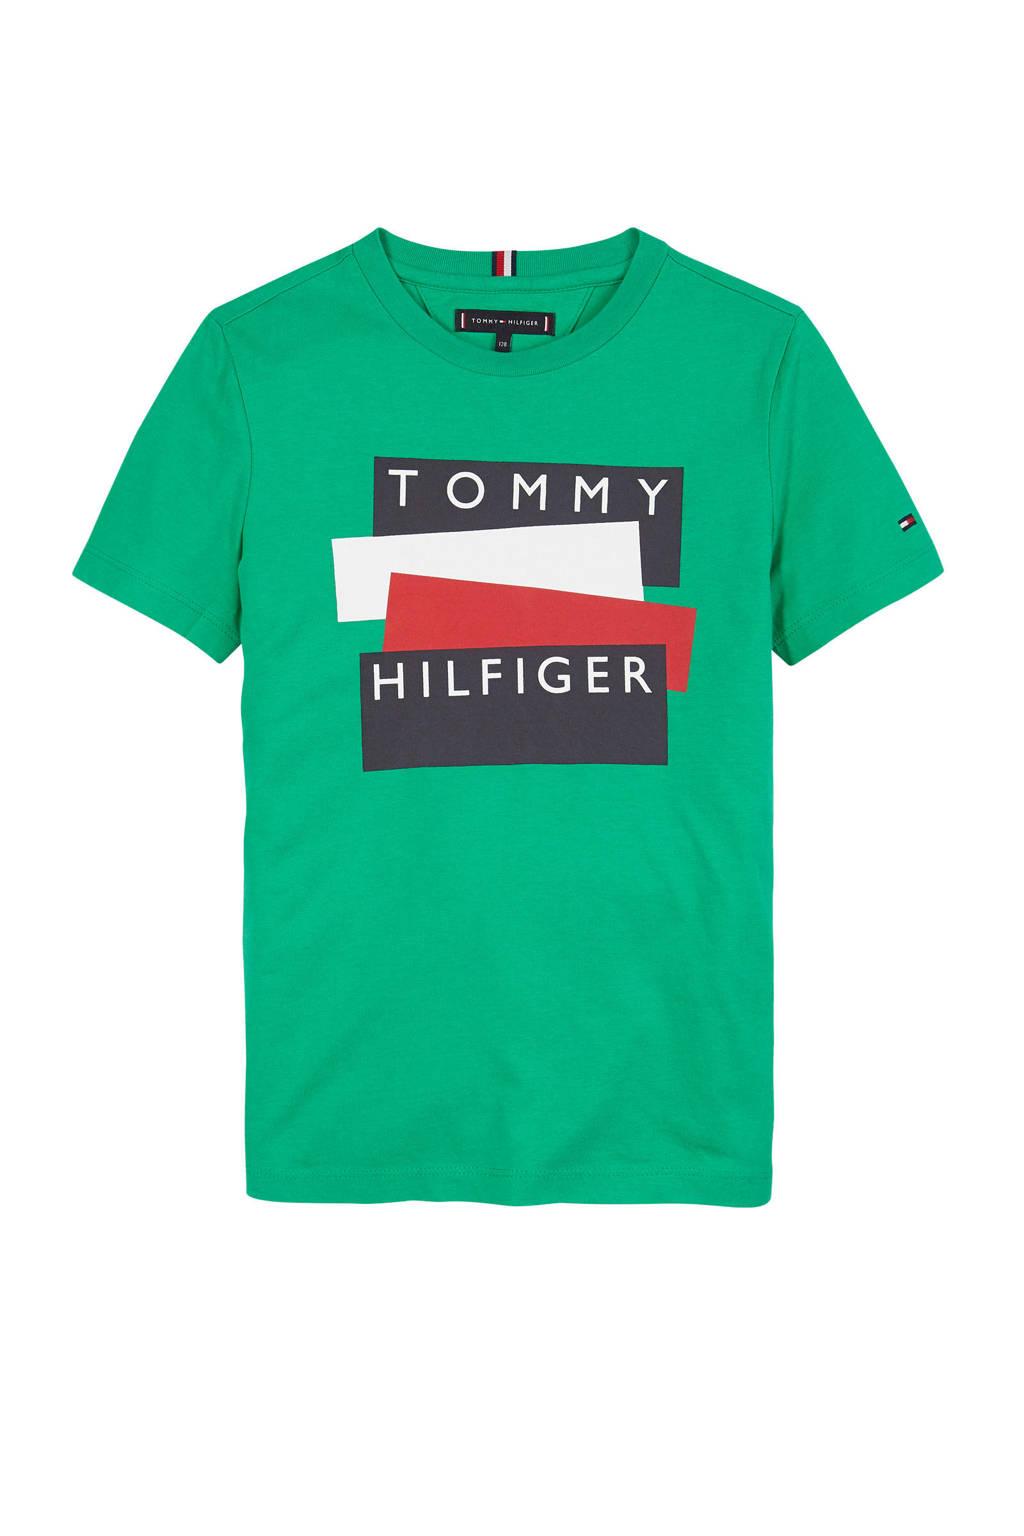 Tommy Hilfiger T-shirt met logo groen/donkerblauw/rood, Groen/donkerblauw/rood